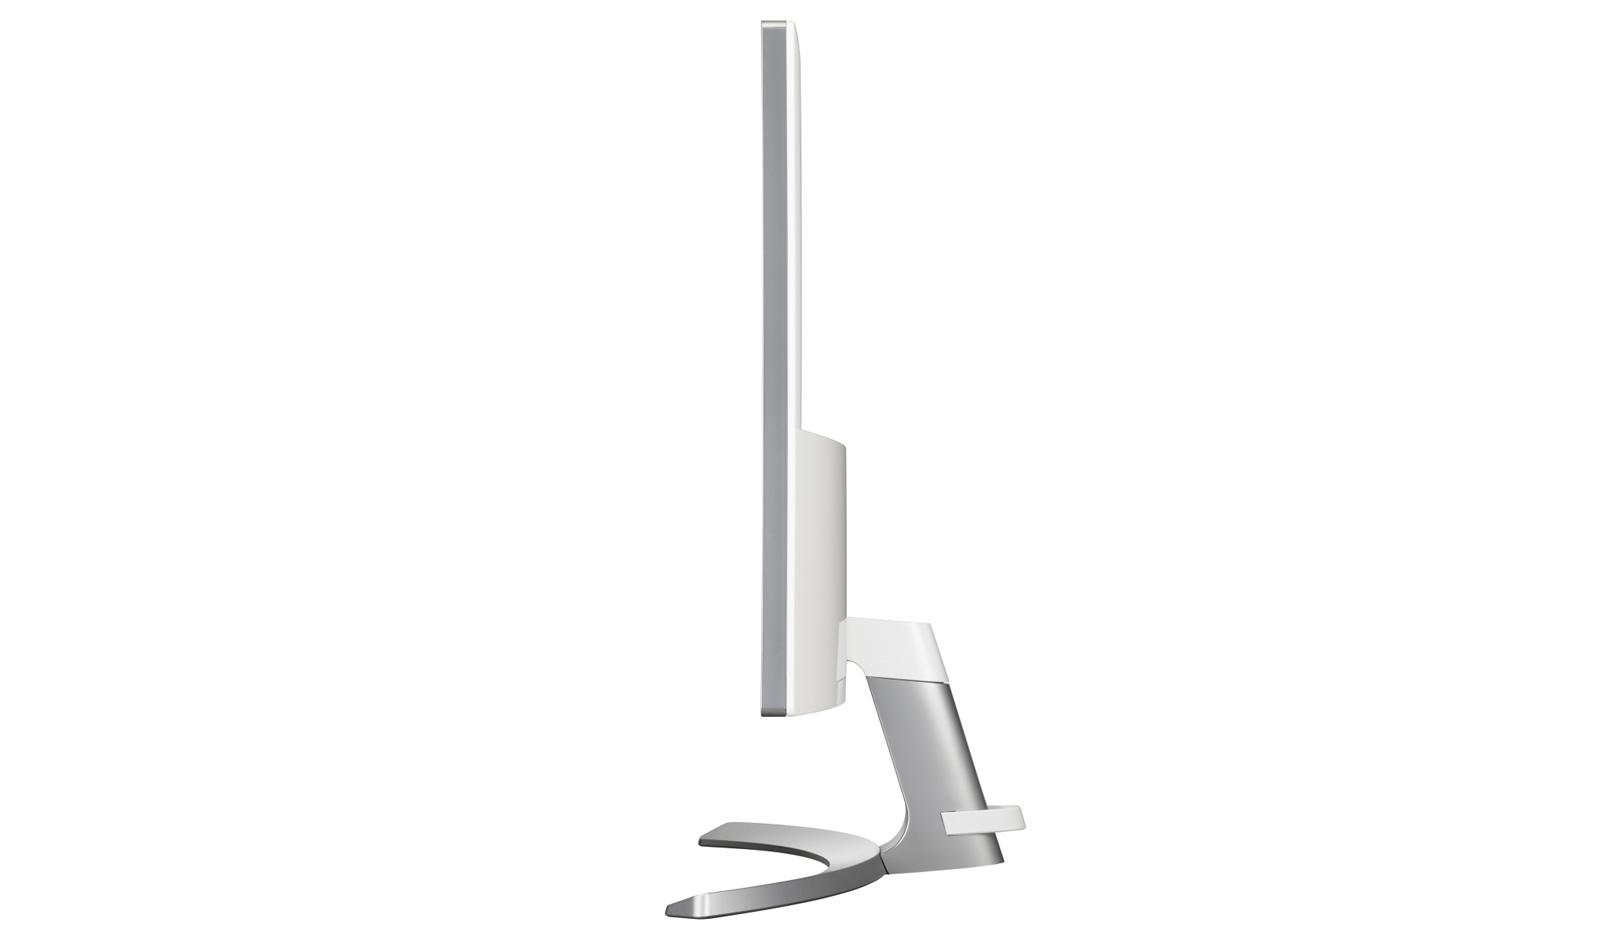 Màn hình máy tính LG 24MP88HV-S.ATV 23.8'' Full HD IPS